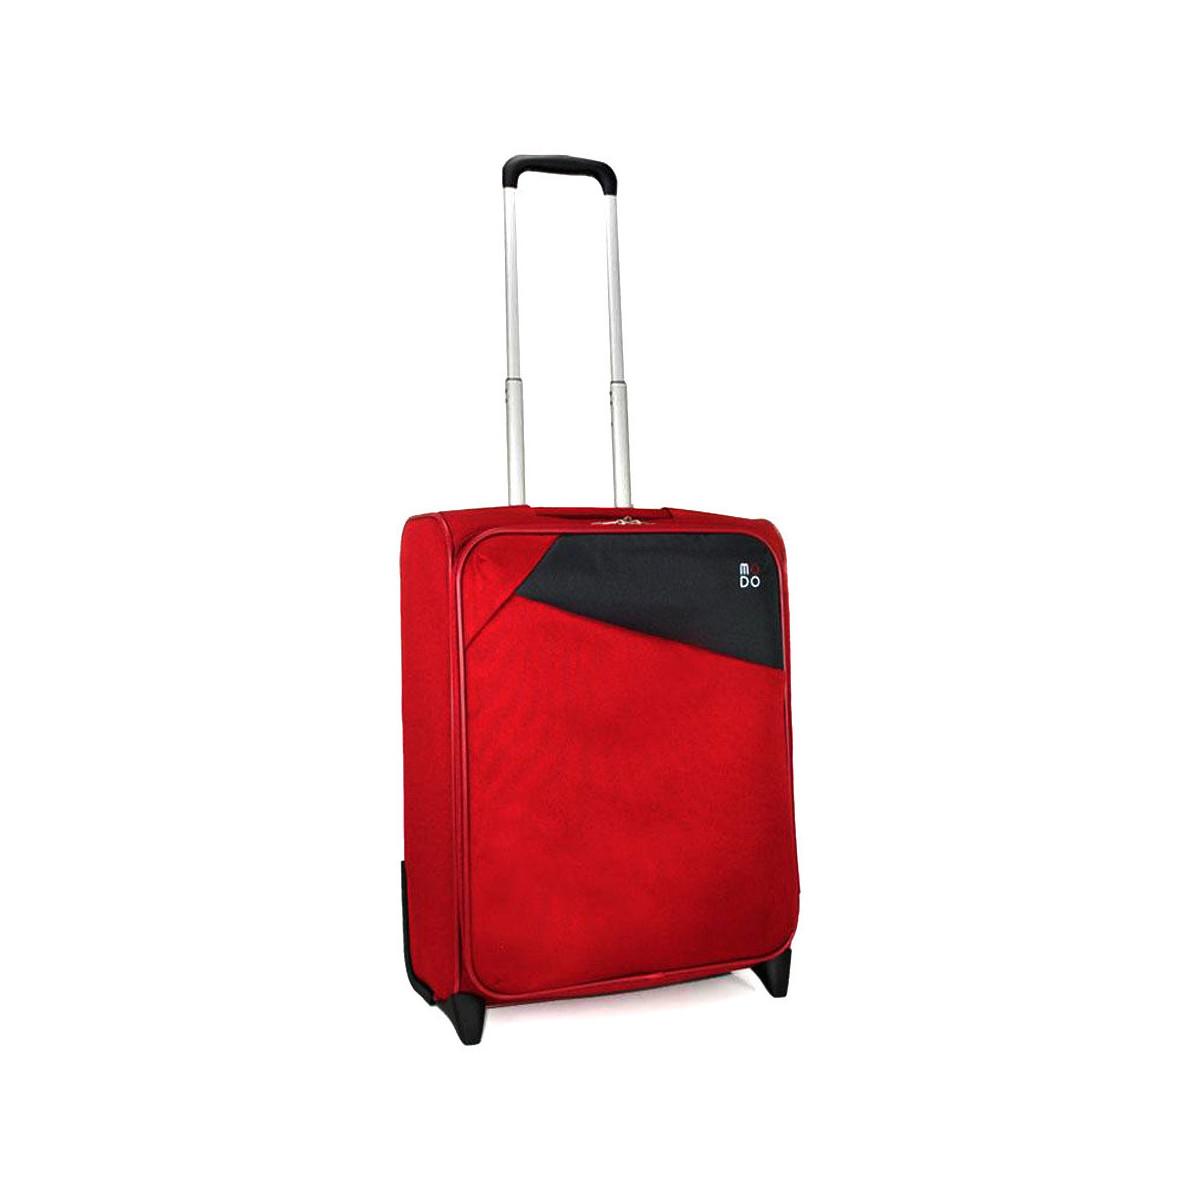 Trolley cabina Modo Jupiter rosso 2 ruote